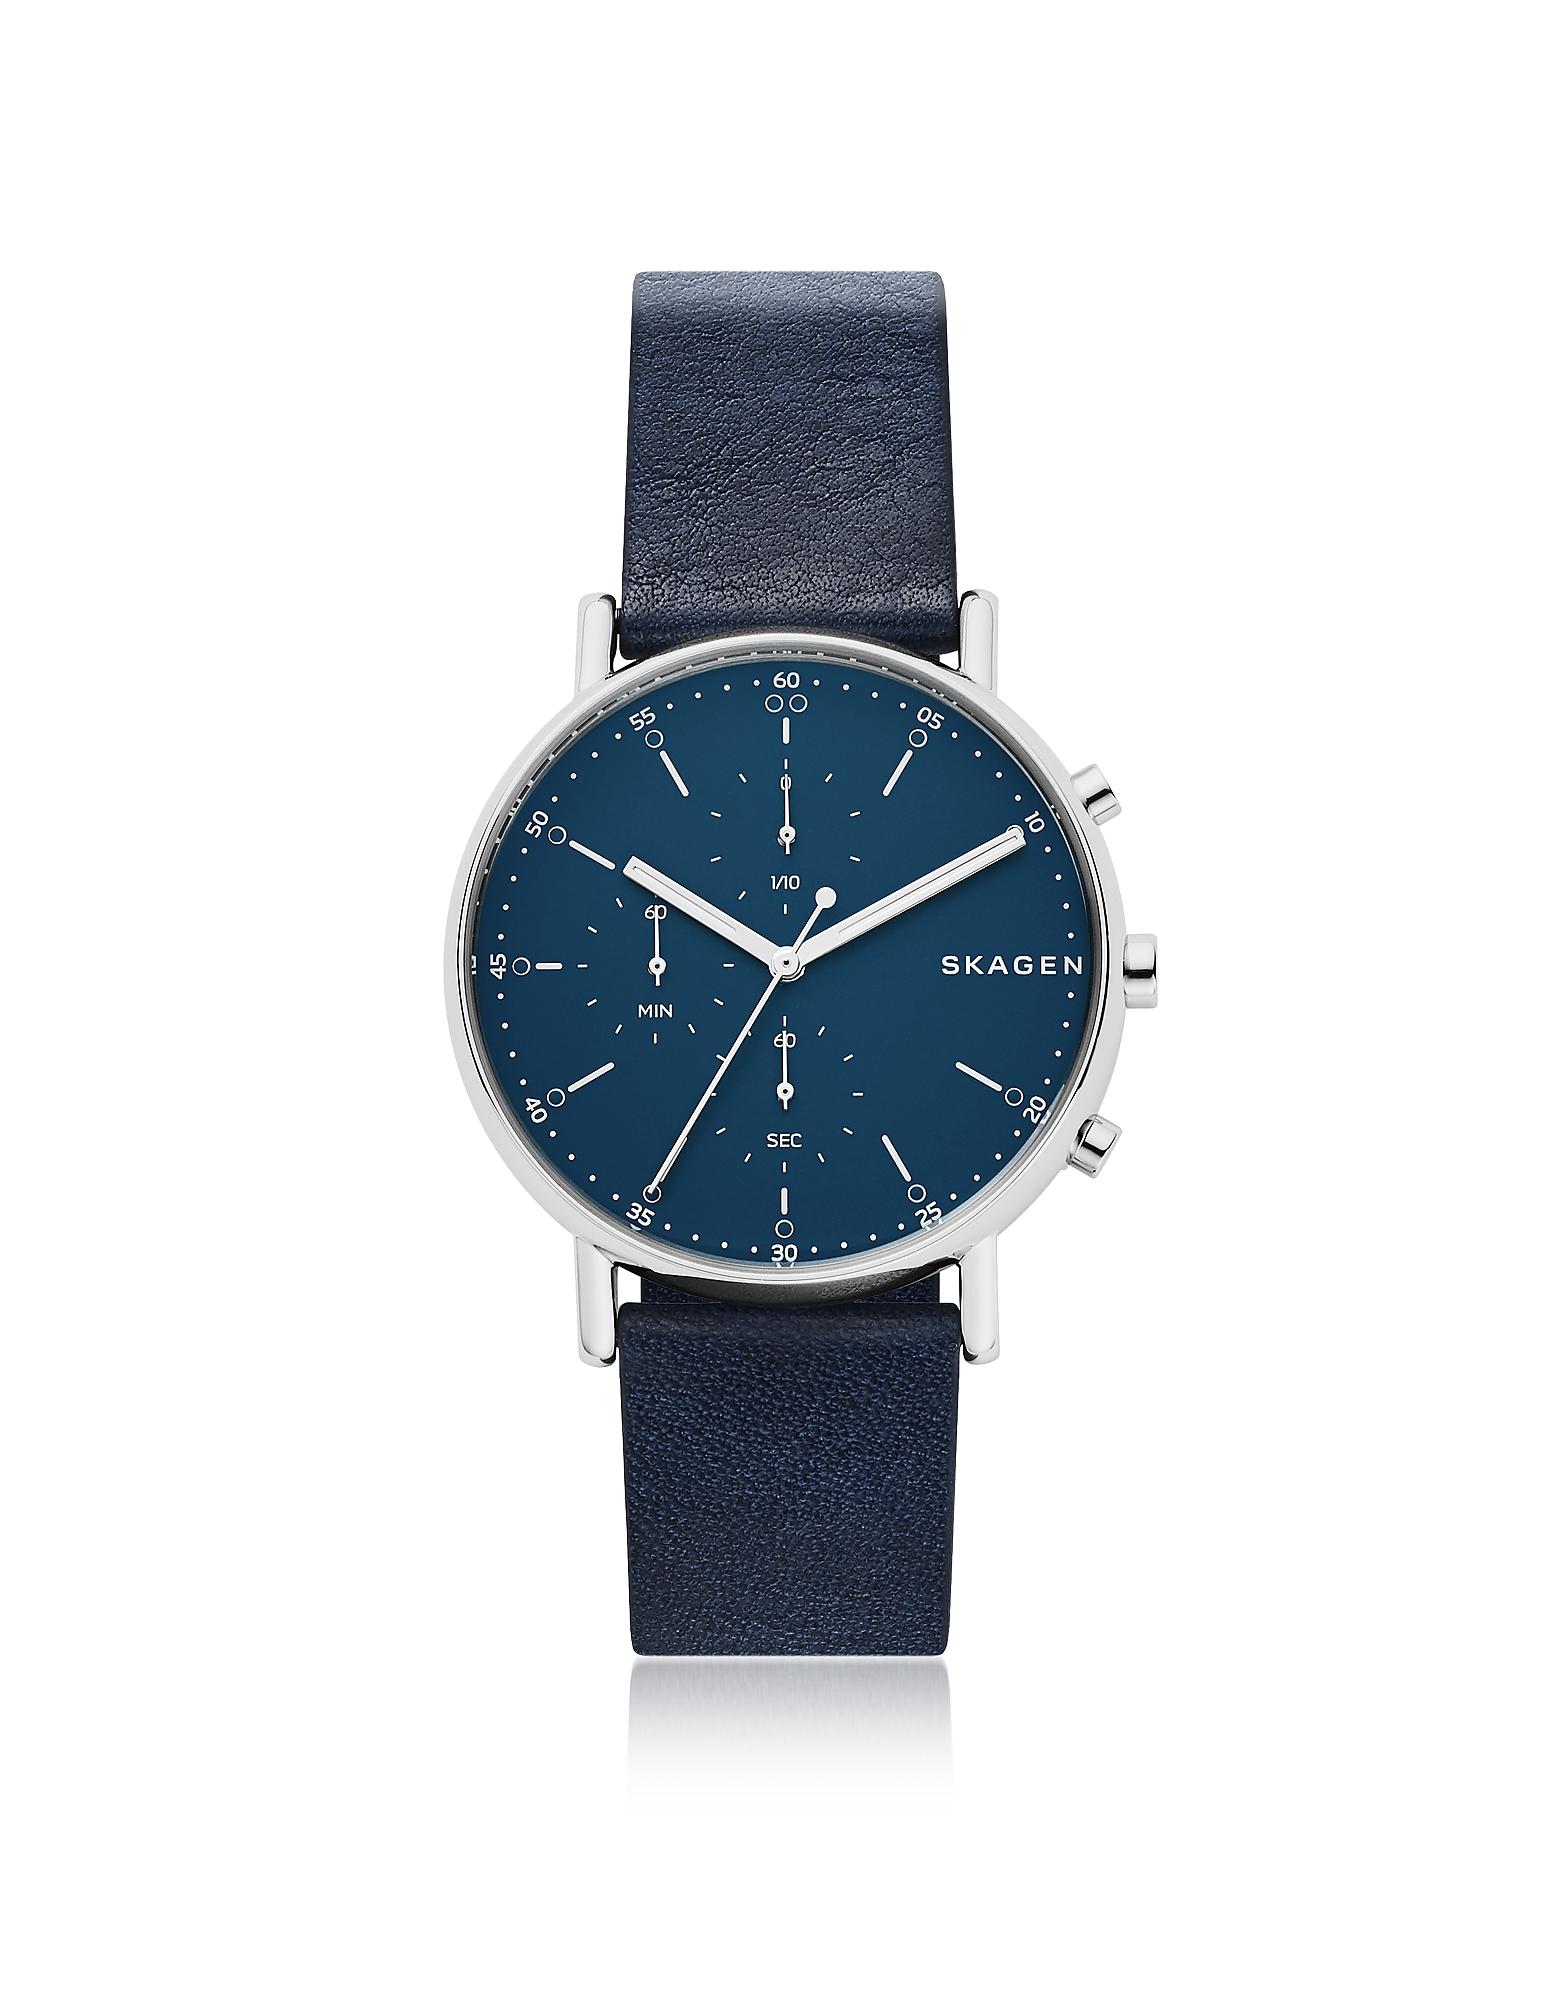 Мужские Часы SKW6463 Signatur